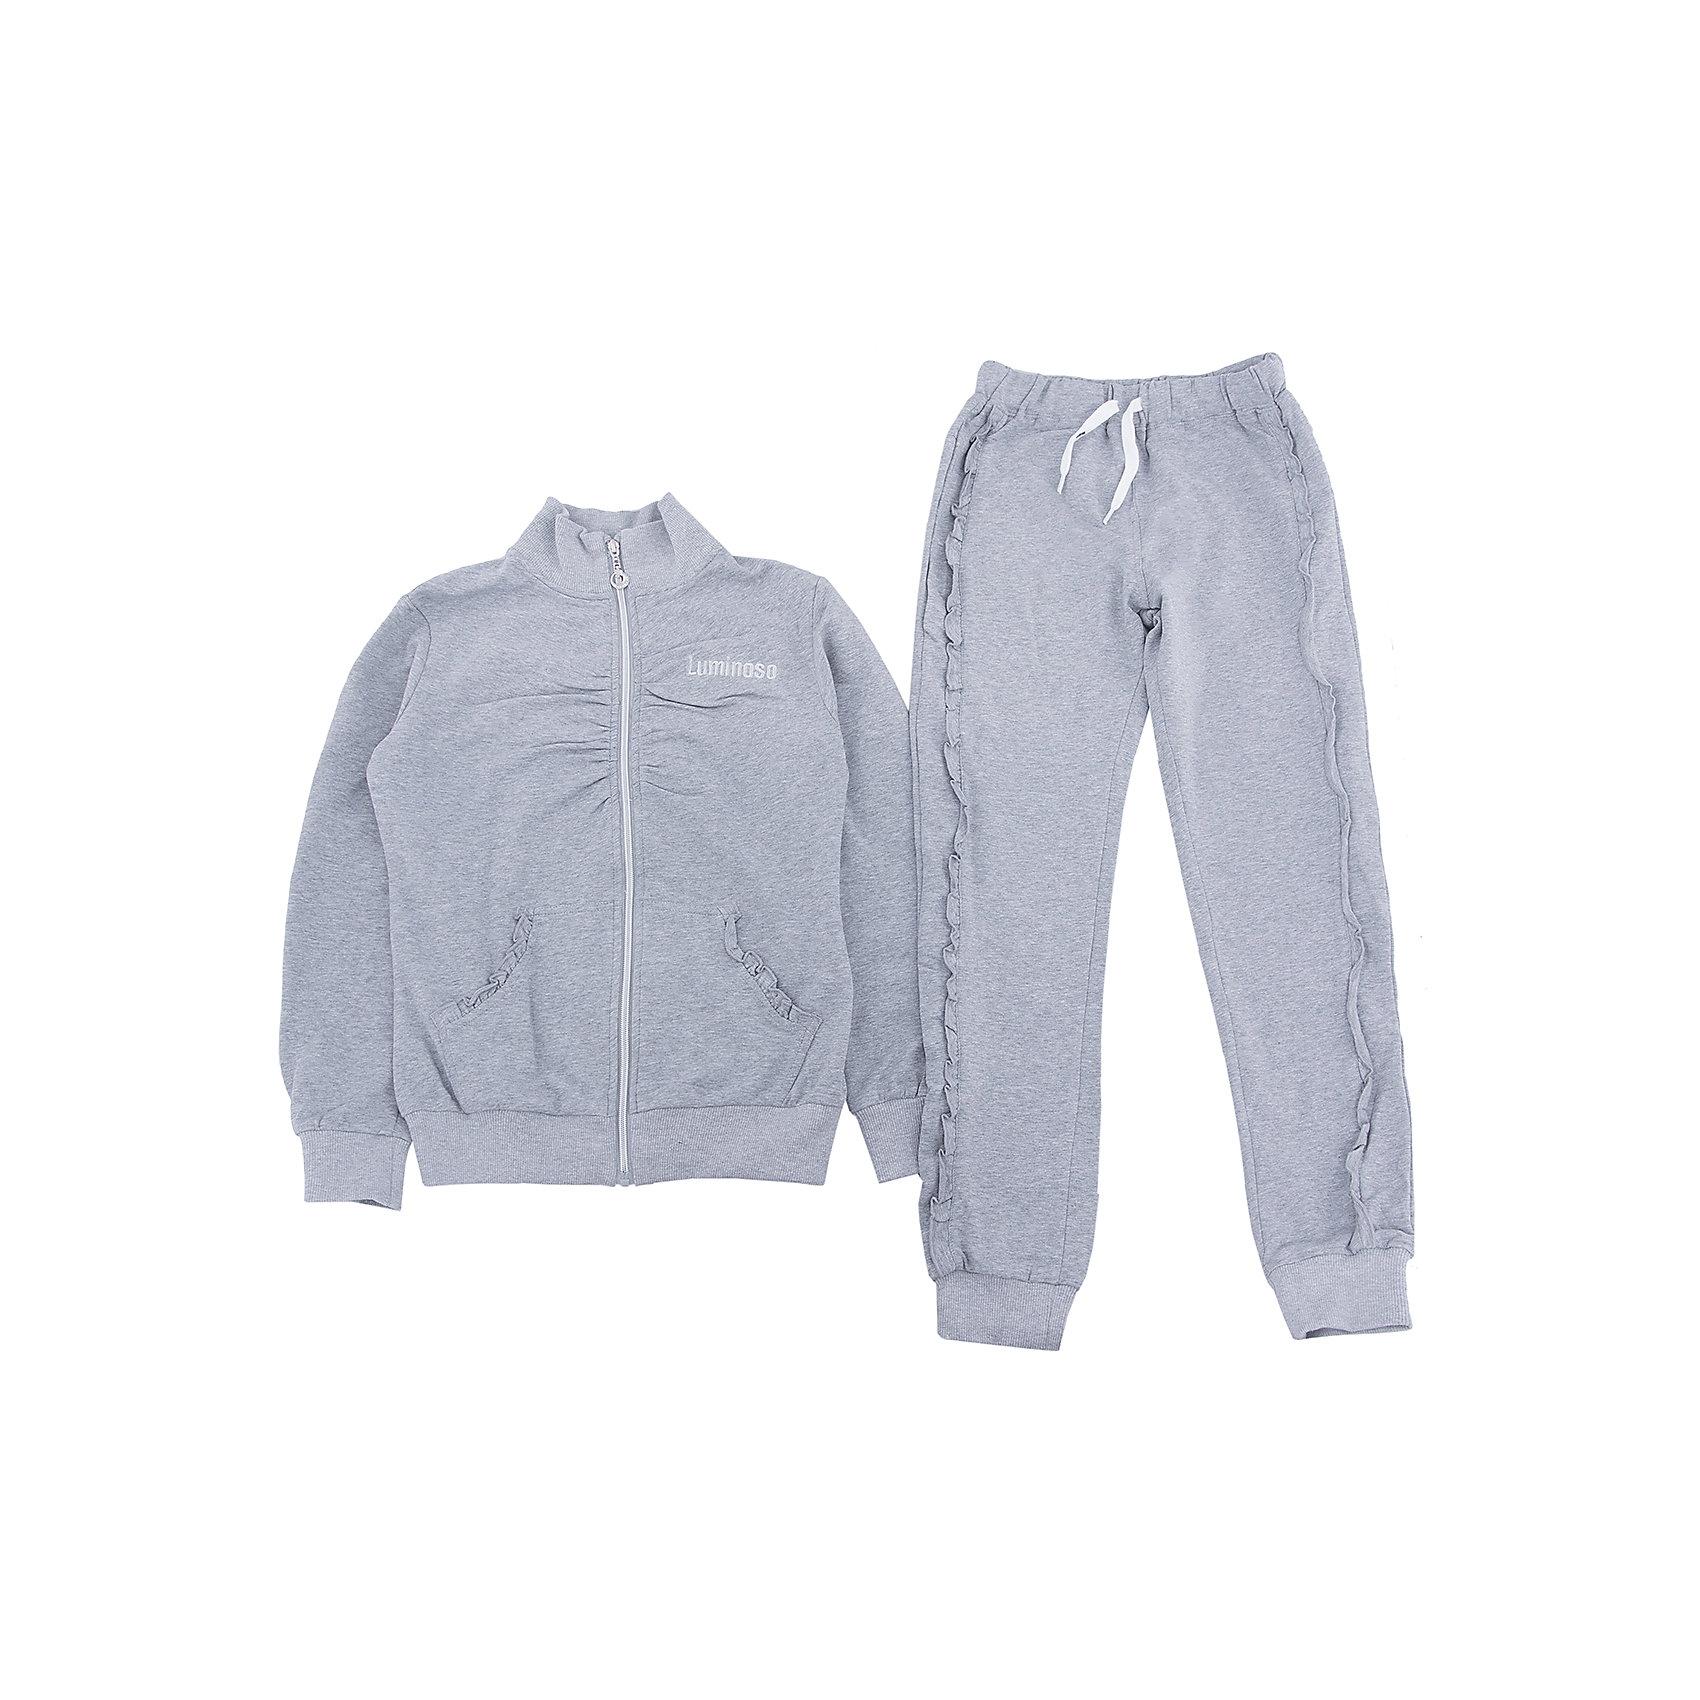 Спортивный костюм для девочки LuminosoСпортивный костюм для девочки от известного бренда Luminoso<br>Спортивный трикотажный костюм для девочек с воротником-стойкой, удобной молнией и с эластичной резинкой на поясе. Модель декорирована сборкой на полоч<br>Состав:<br>95% хлопок, 5% эластан<br><br>Ширина мм: 247<br>Глубина мм: 16<br>Высота мм: 140<br>Вес г: 225<br>Цвет: серый<br>Возраст от месяцев: 120<br>Возраст до месяцев: 132<br>Пол: Женский<br>Возраст: Детский<br>Размер: 146,128,134,140,152,158,164<br>SKU: 4729005